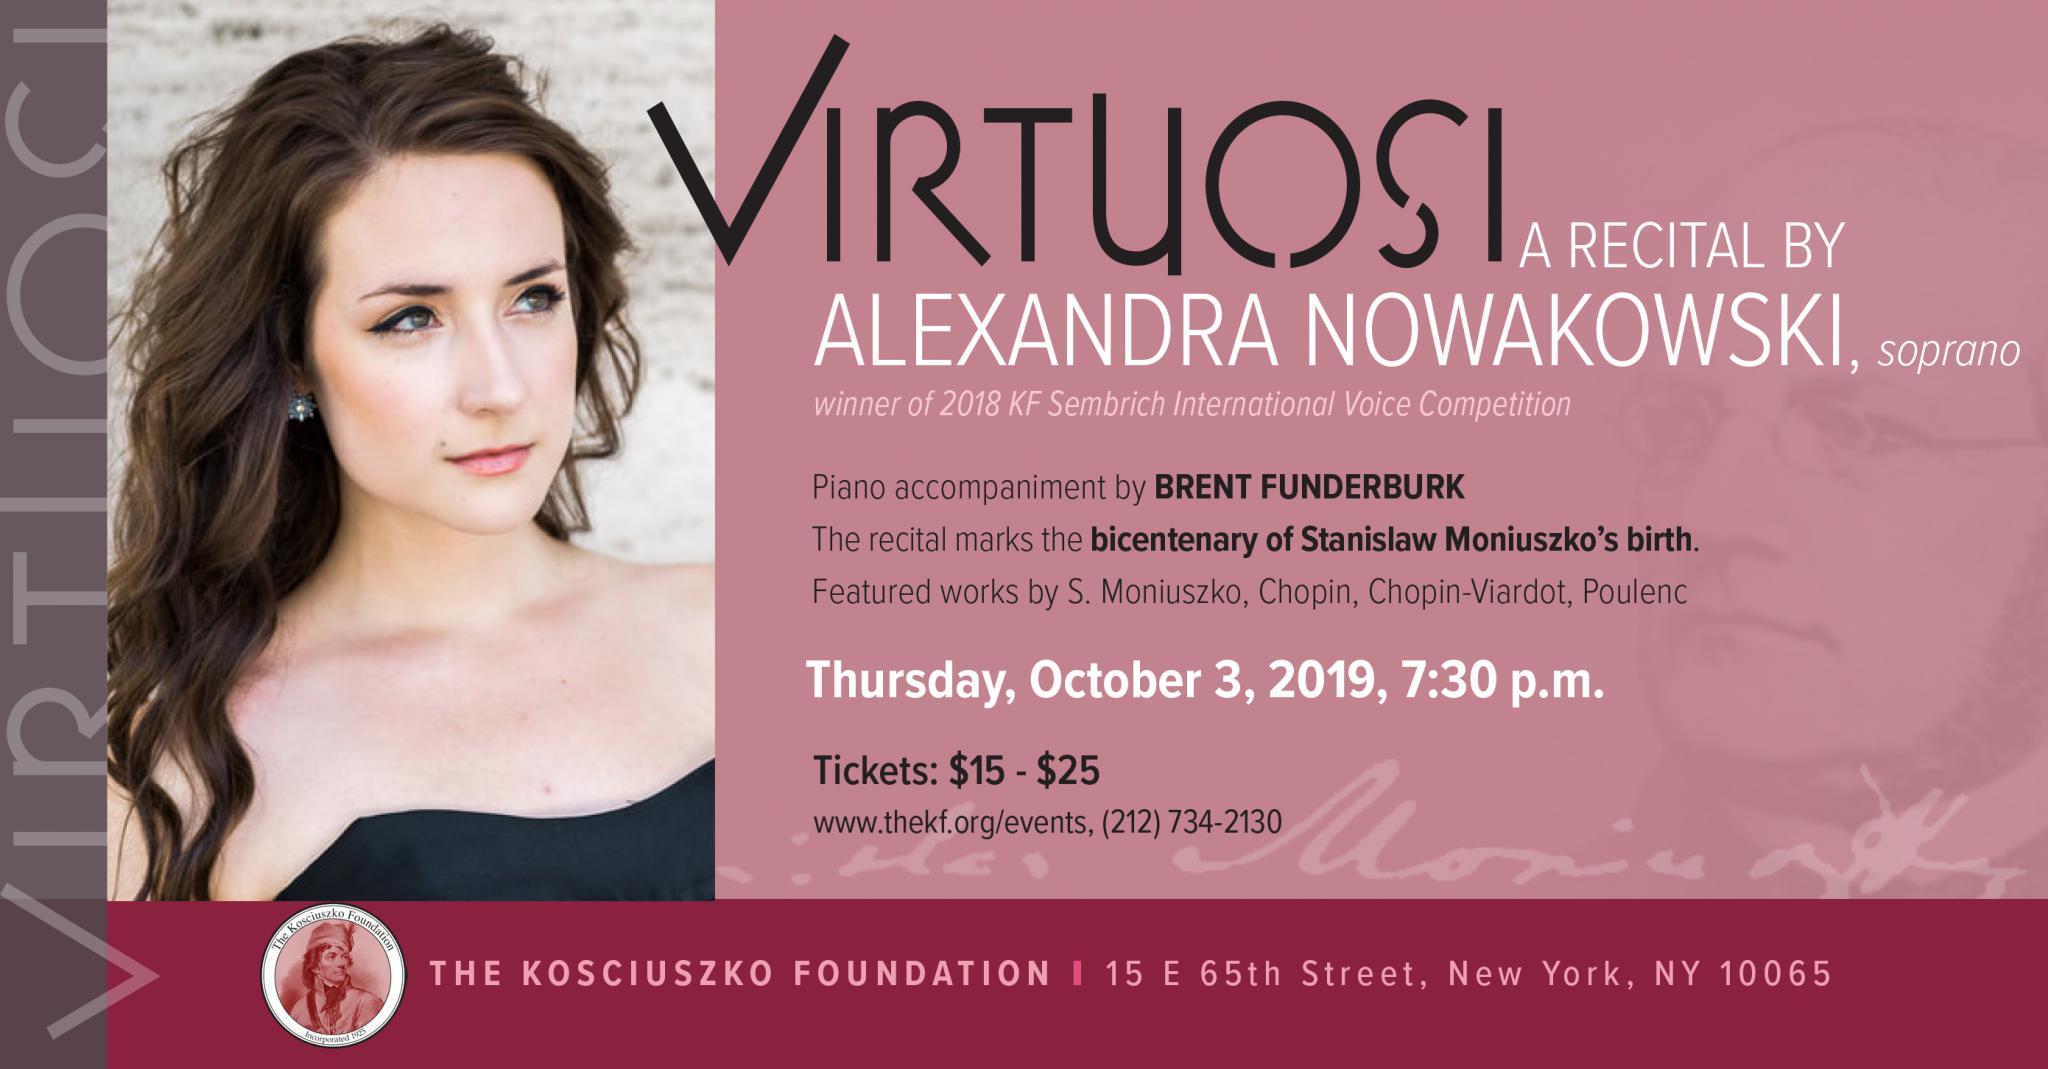 Recital by Alexandra Nowakowski in New York